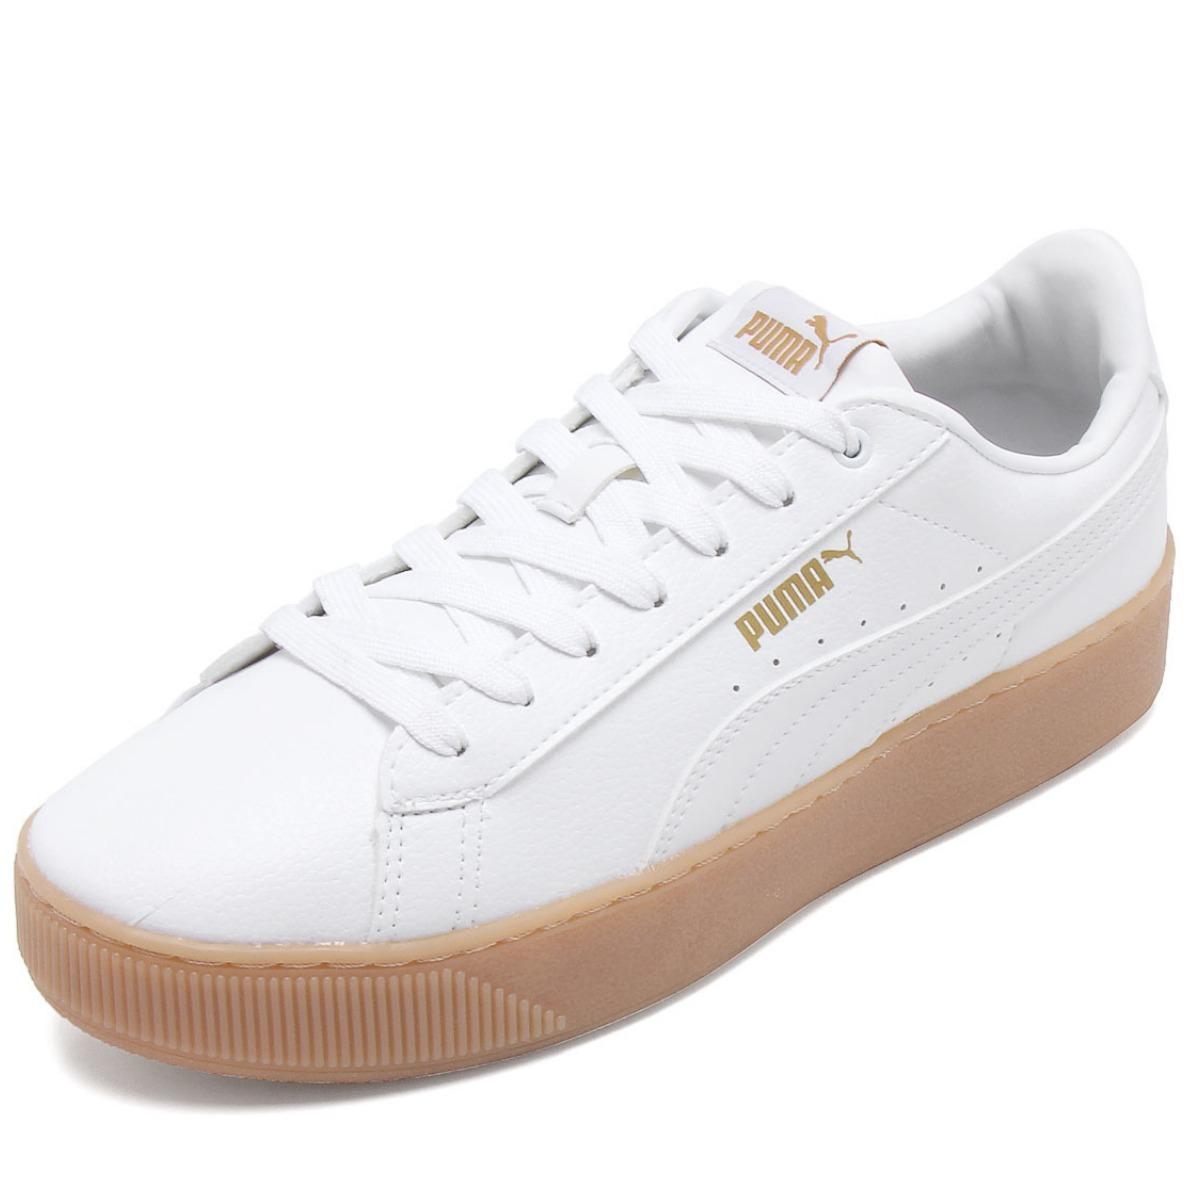 cb4803cf025 tênis puma feminino vikky platform vt bdp - branco. Carregando zoom.